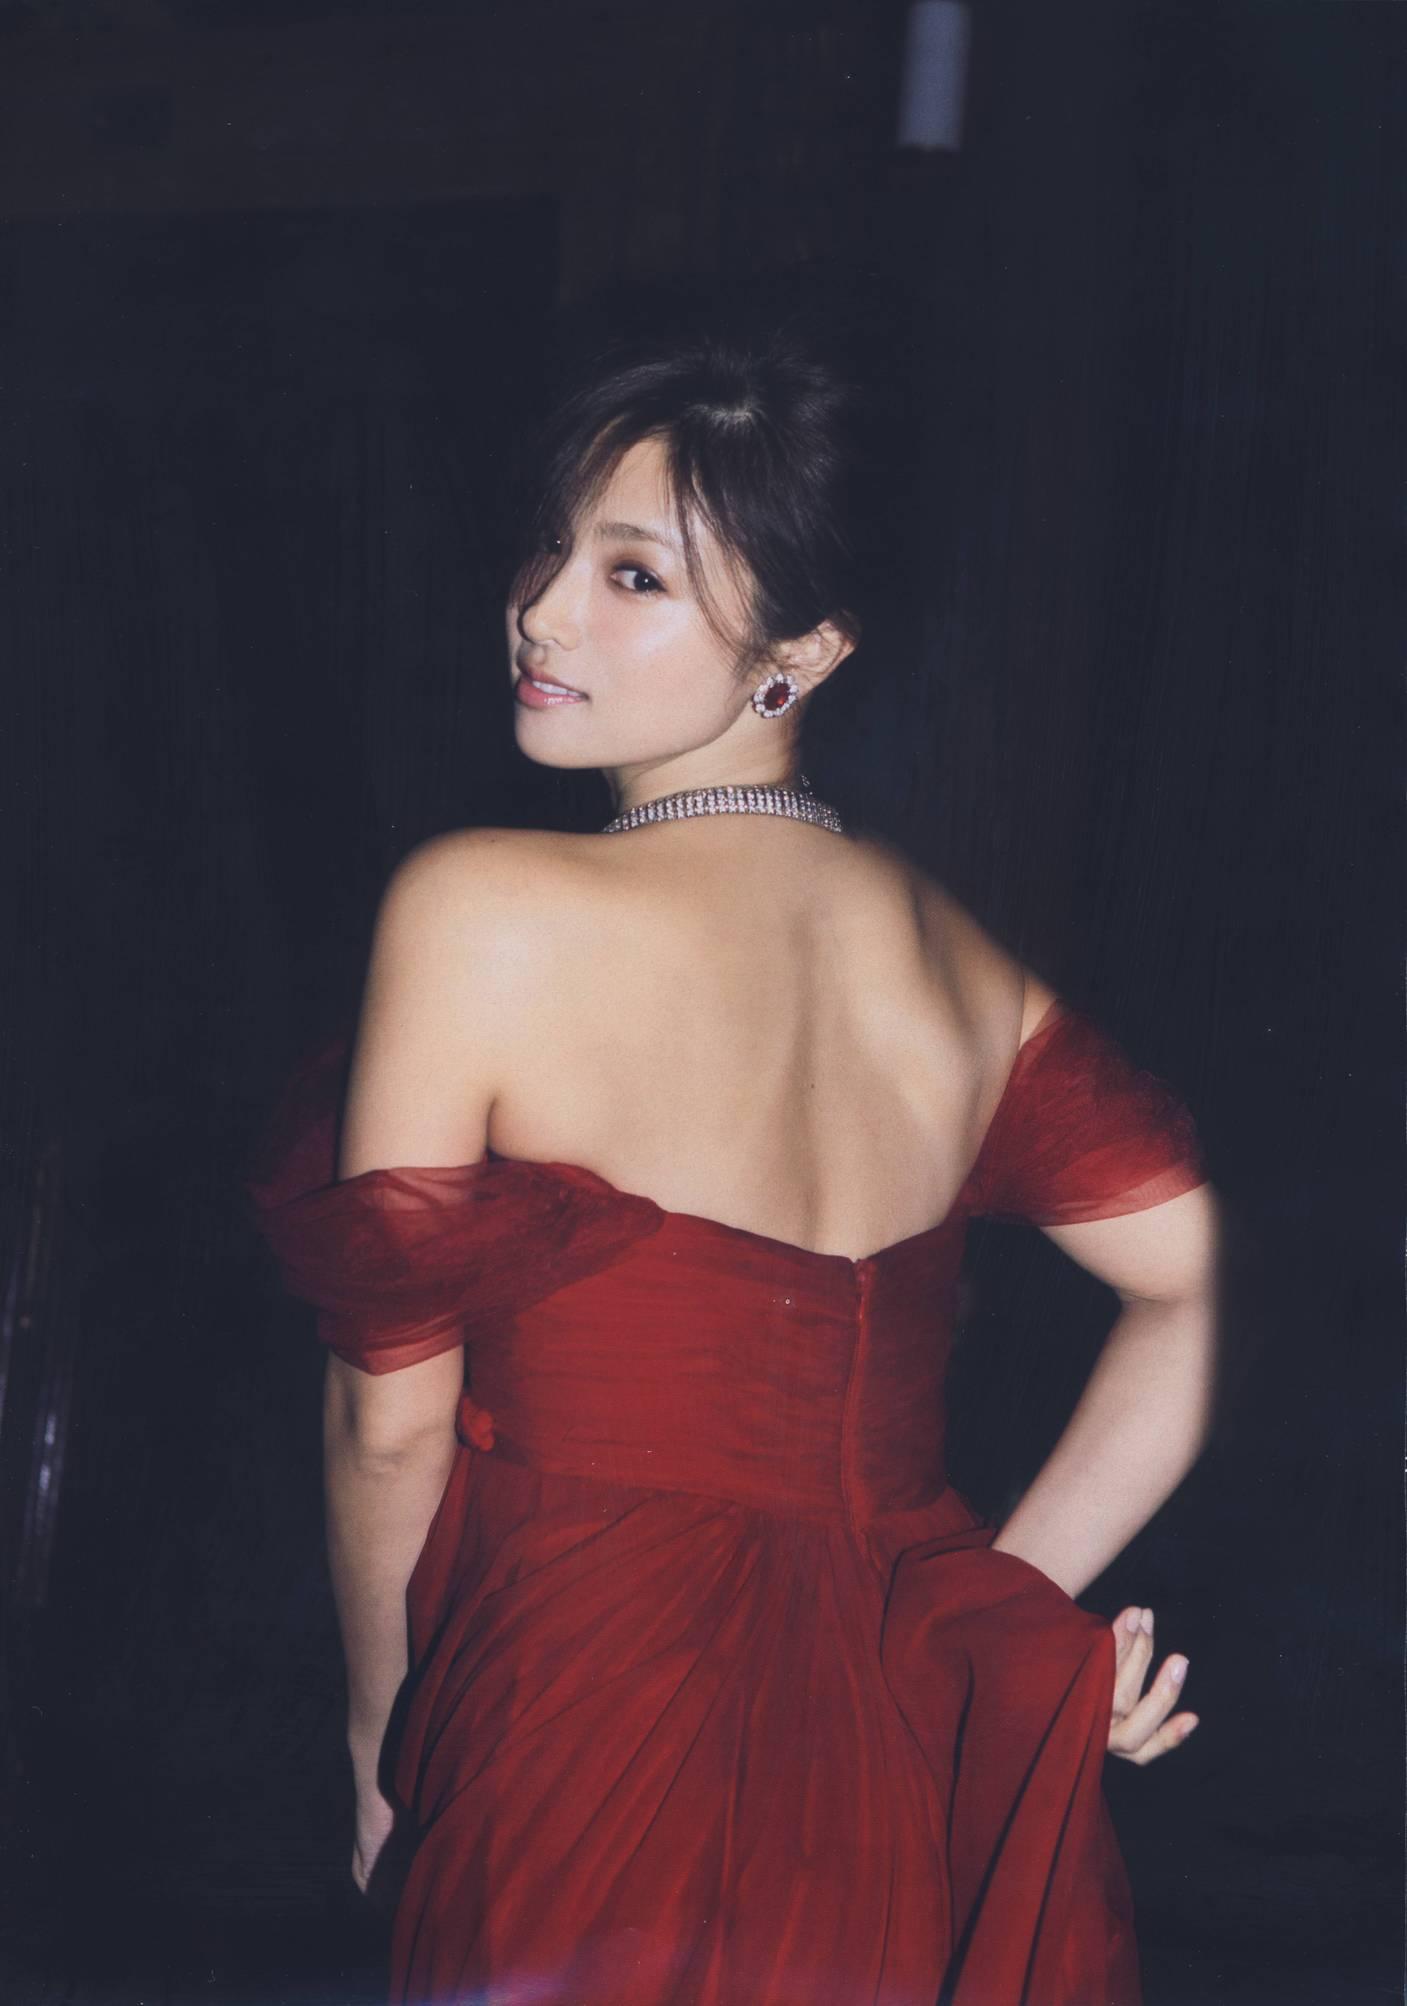 深田恭子の最新写真集「Nu season」画像、赤いドレスで背中丸出しの深田恭子